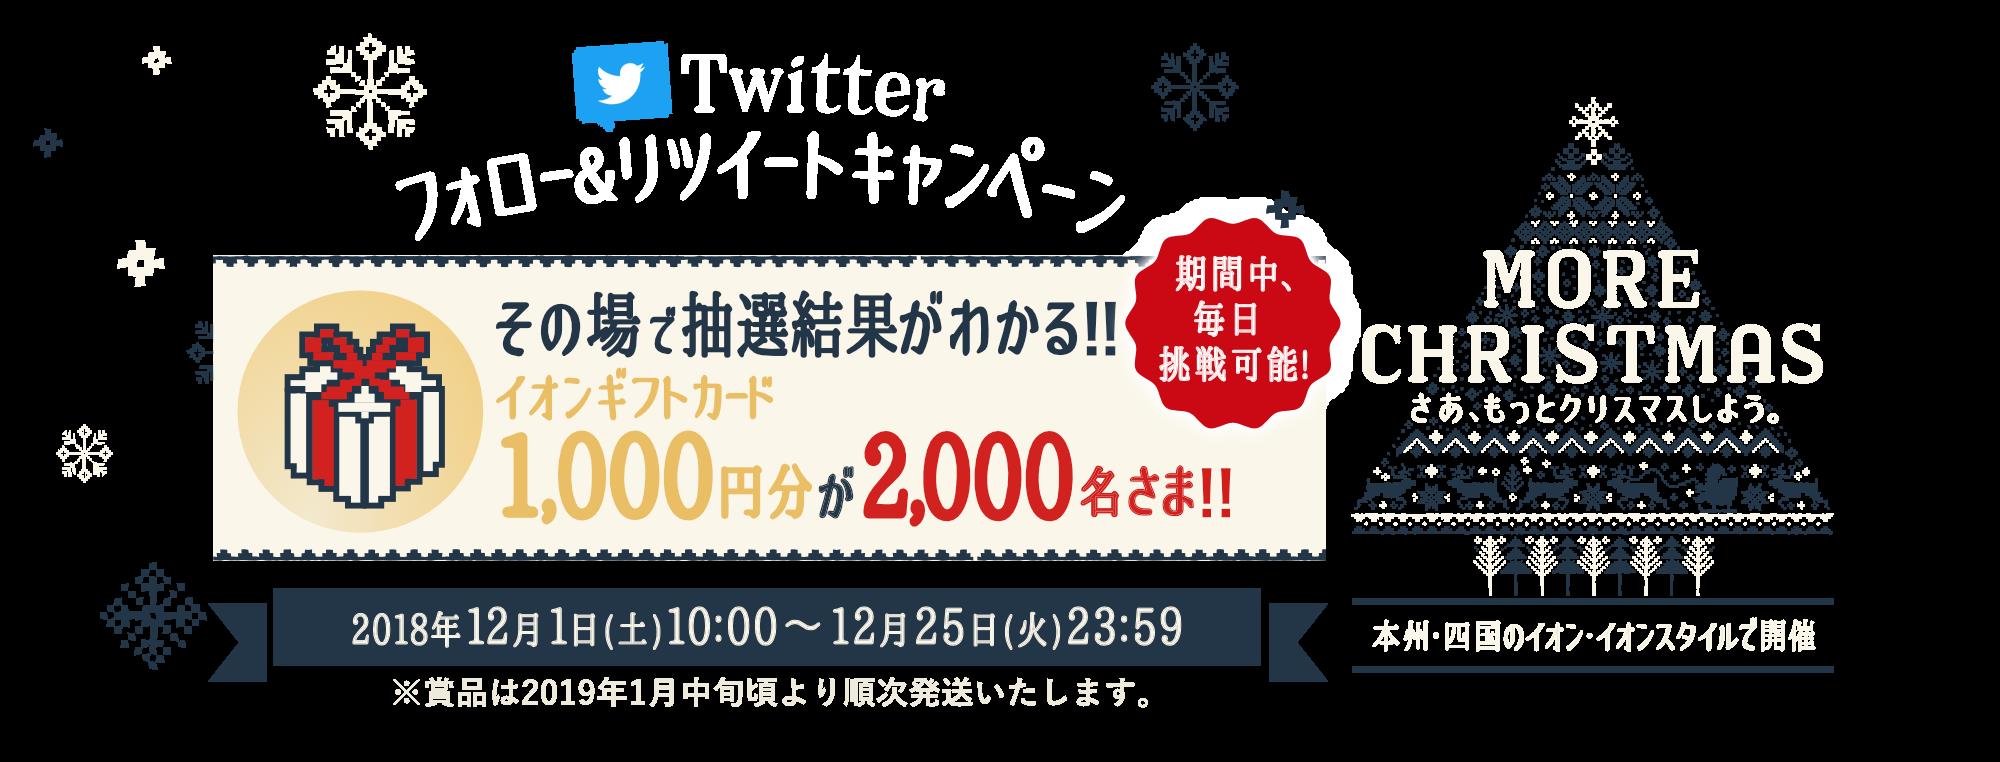 イオンのMORE Christmasでイオンギフトカード1000円分が抽選で2000名にその場で当たる。12/1 10時~12/25。